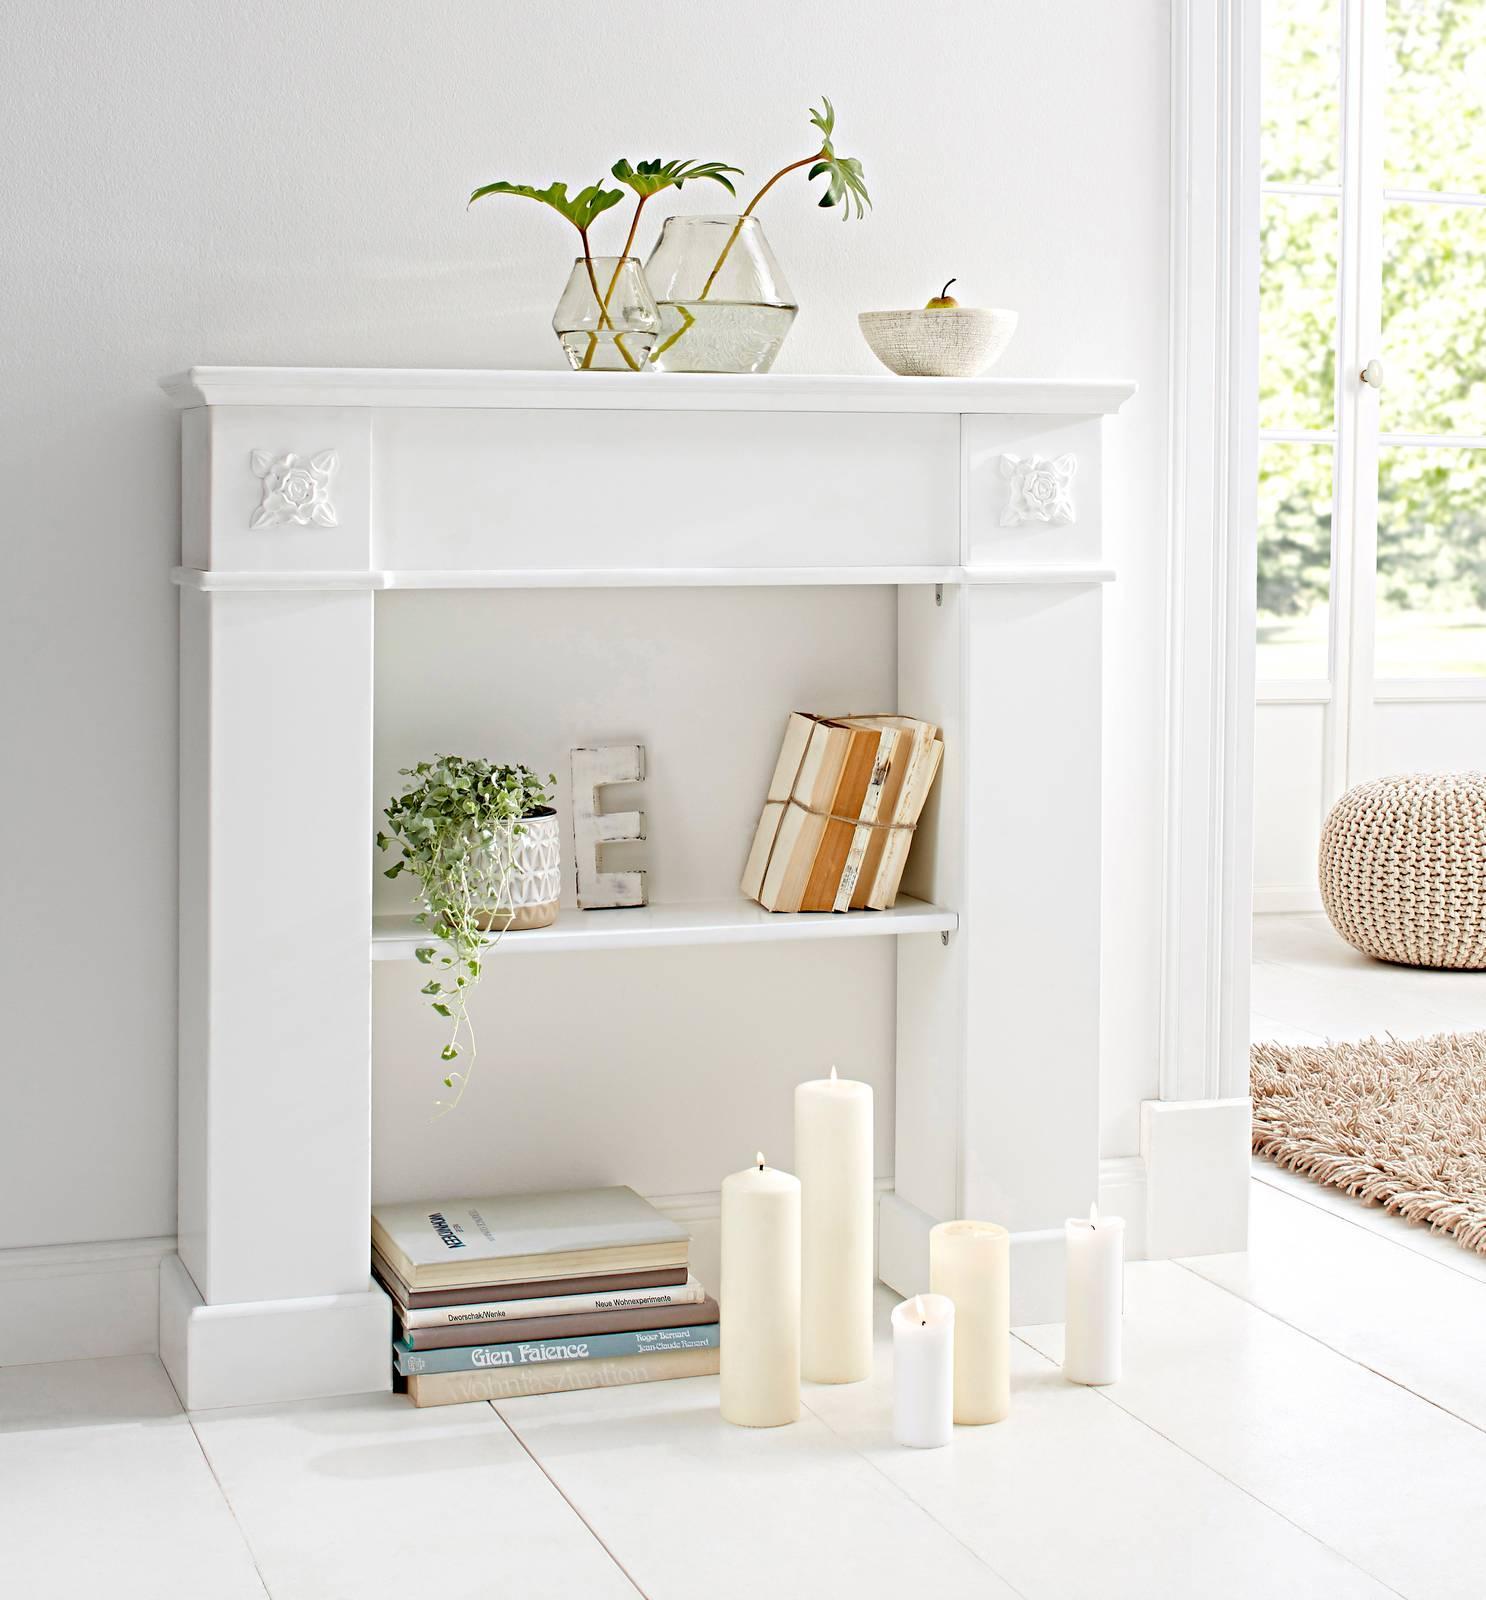 Oltre ai tessuti possiamo scegliere dell'oggettistica particolare per arredare un salotto in. Arredare La Casa In Stile Shabby Chic Cose Di Casa